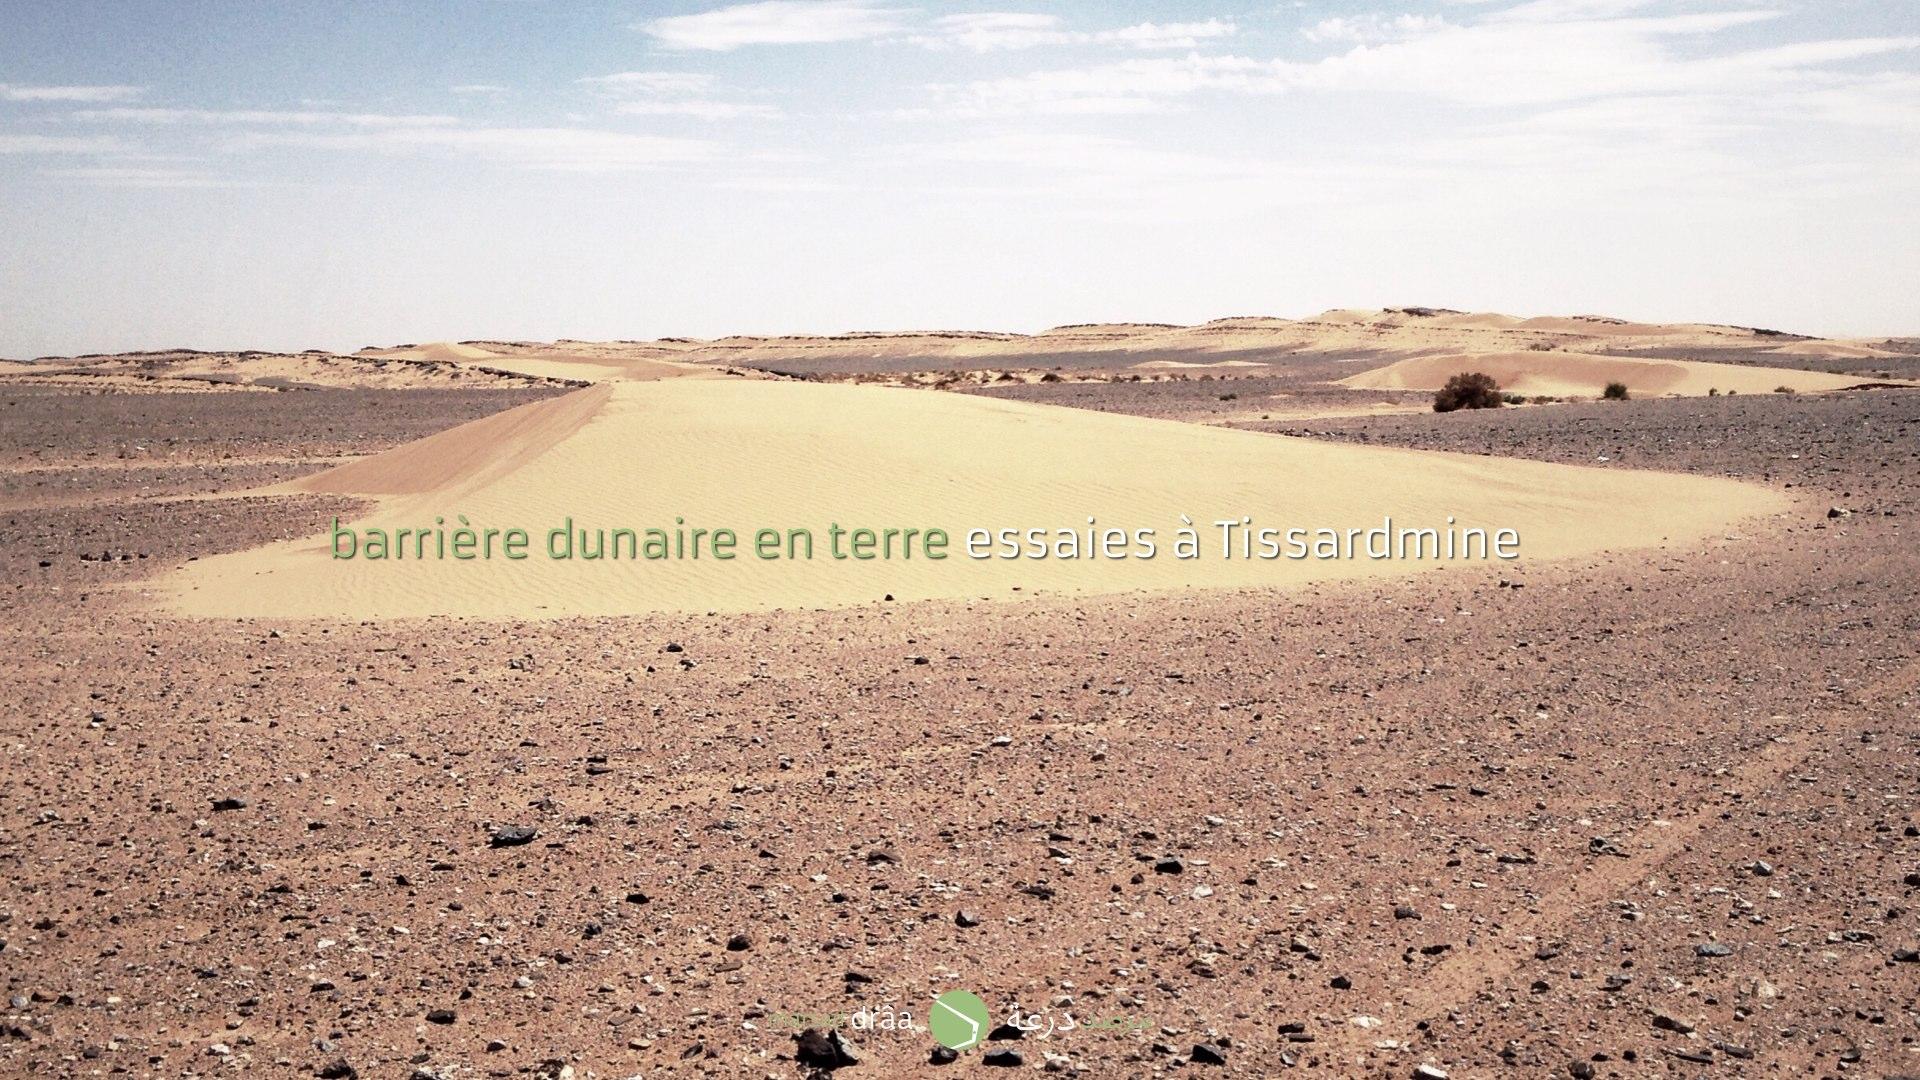 Afin de tester la viabilité des barrières du projet d'Amezrou, on a décidé de construire un mur en terre adapté à la forme d'une petite dune..